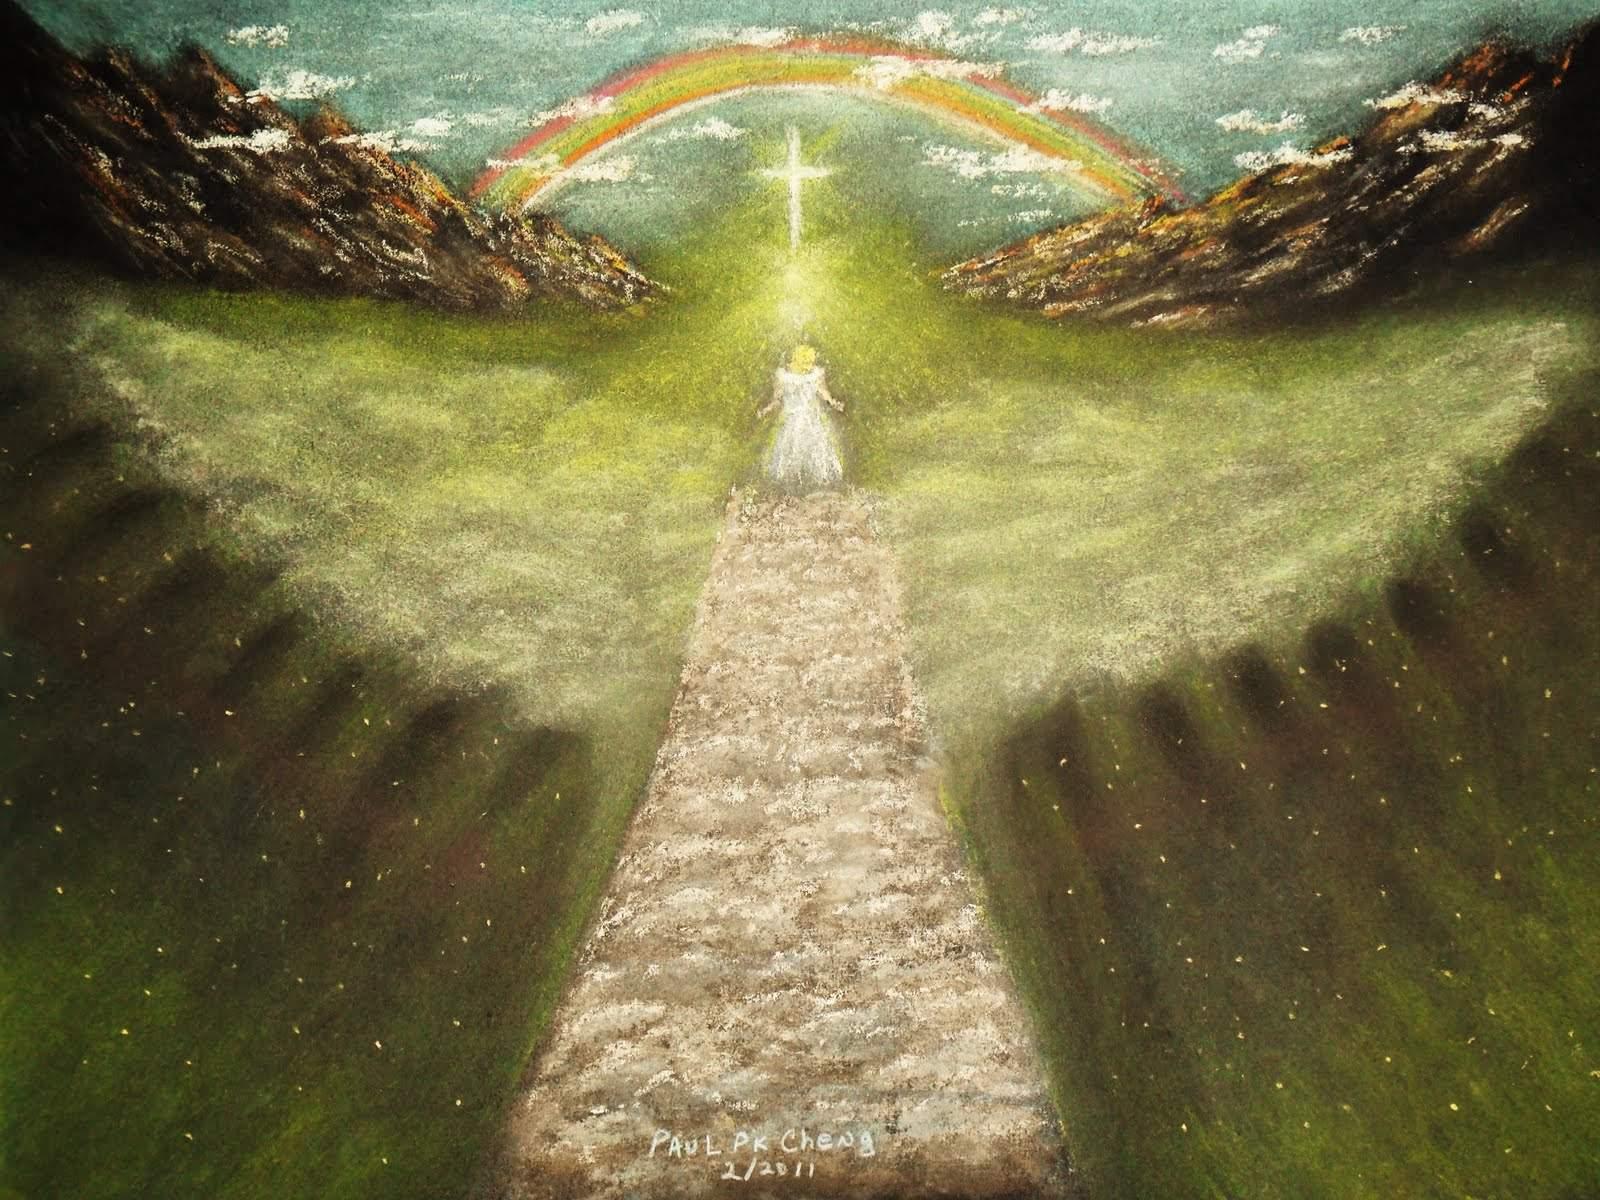 http://4.bp.blogspot.com/-5R-FRNfHecM/T3CjzDUx9sI/AAAAAAAAAF8/sCqABzTP7Xc/s1600/Christian-God-Wallpaper-Picture.jpg